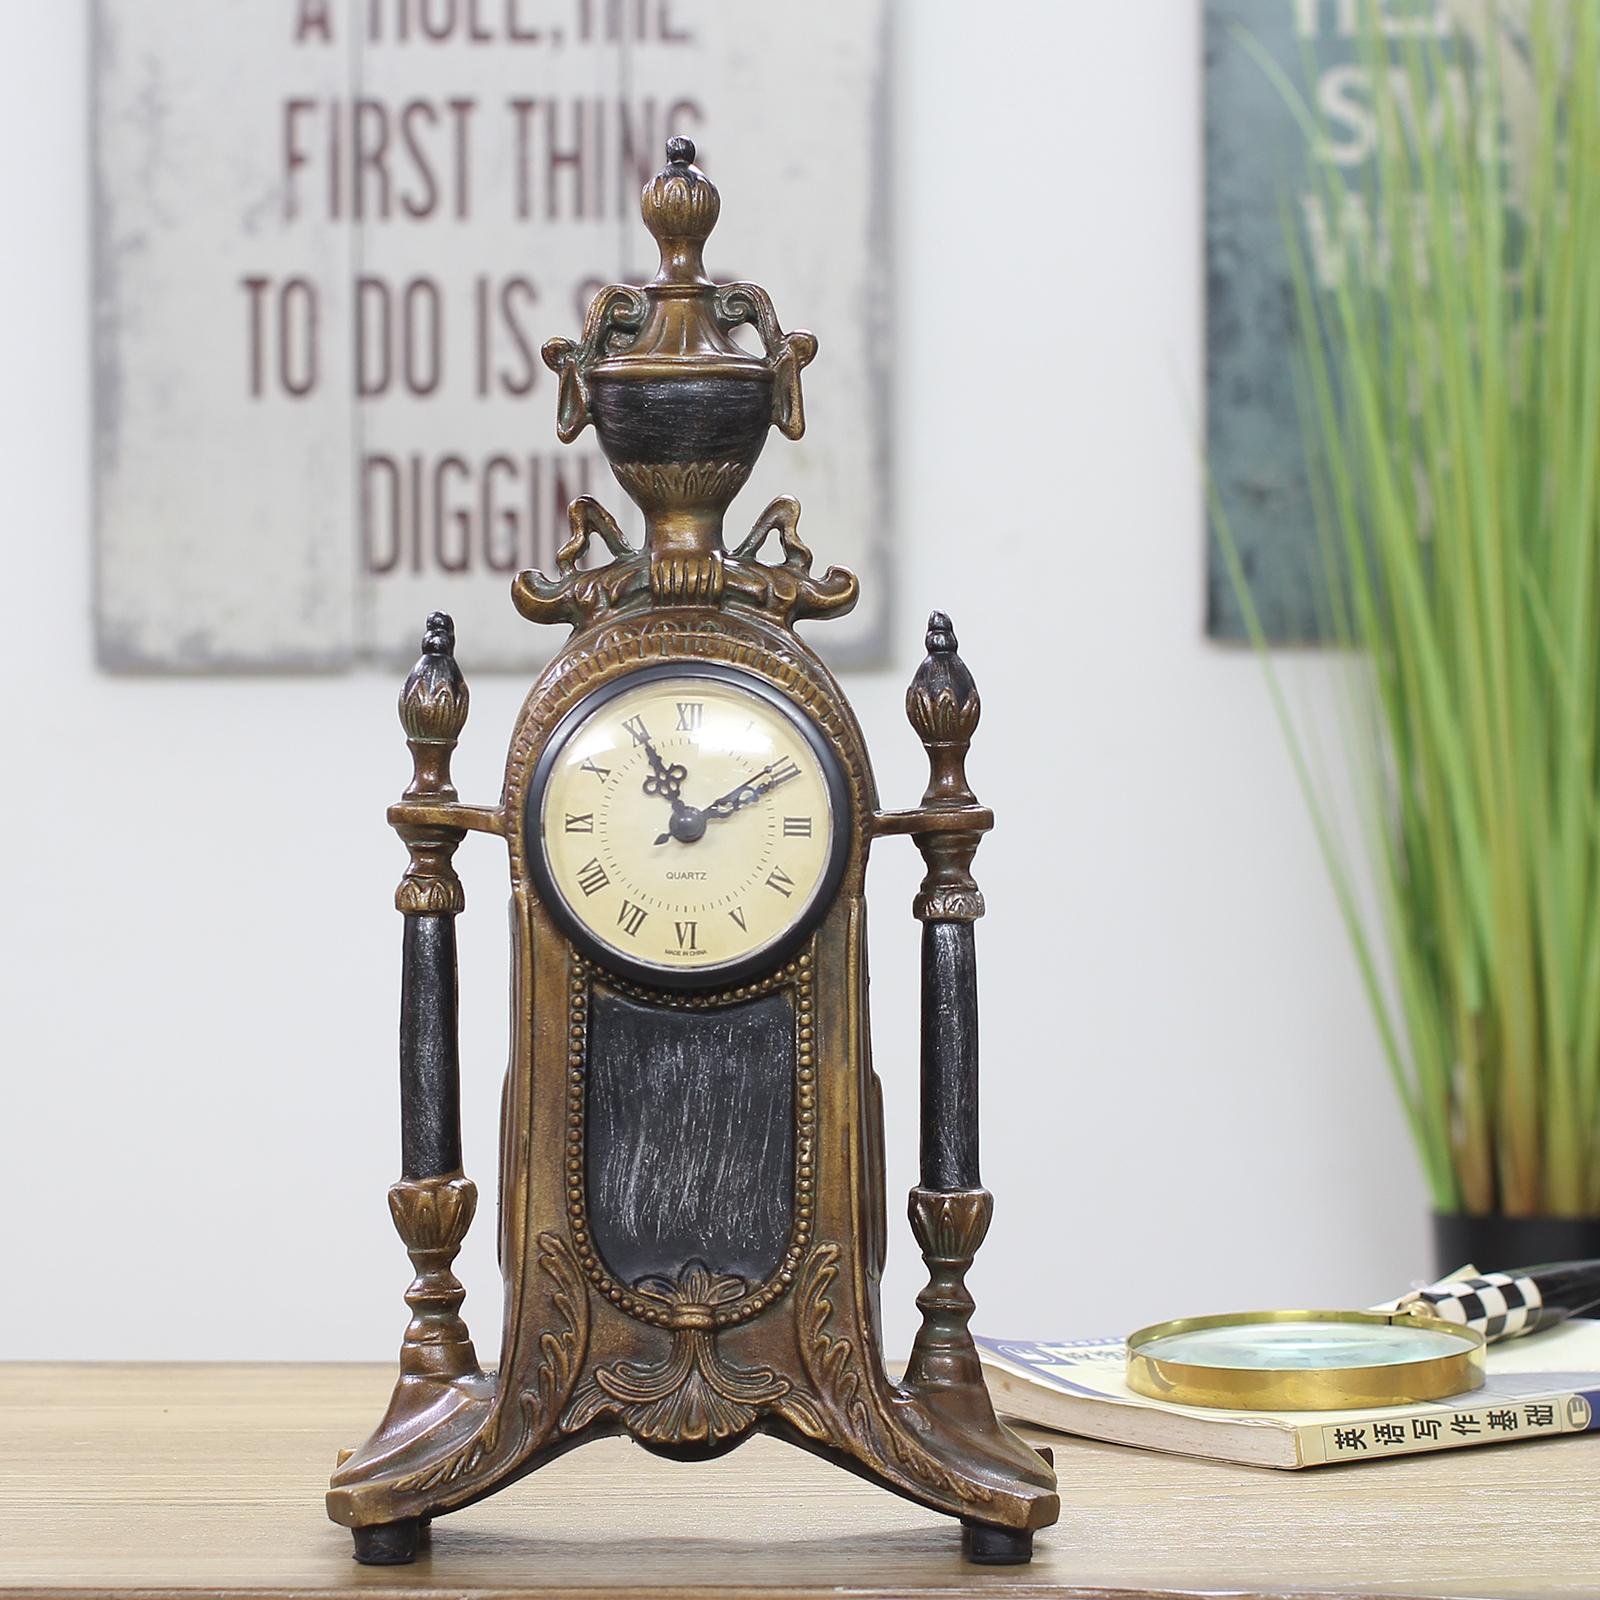 欧式钟表客厅时钟摆件大号坐钟复古仿铜金色座钟美式仿古台钟包邮 Изображение 1